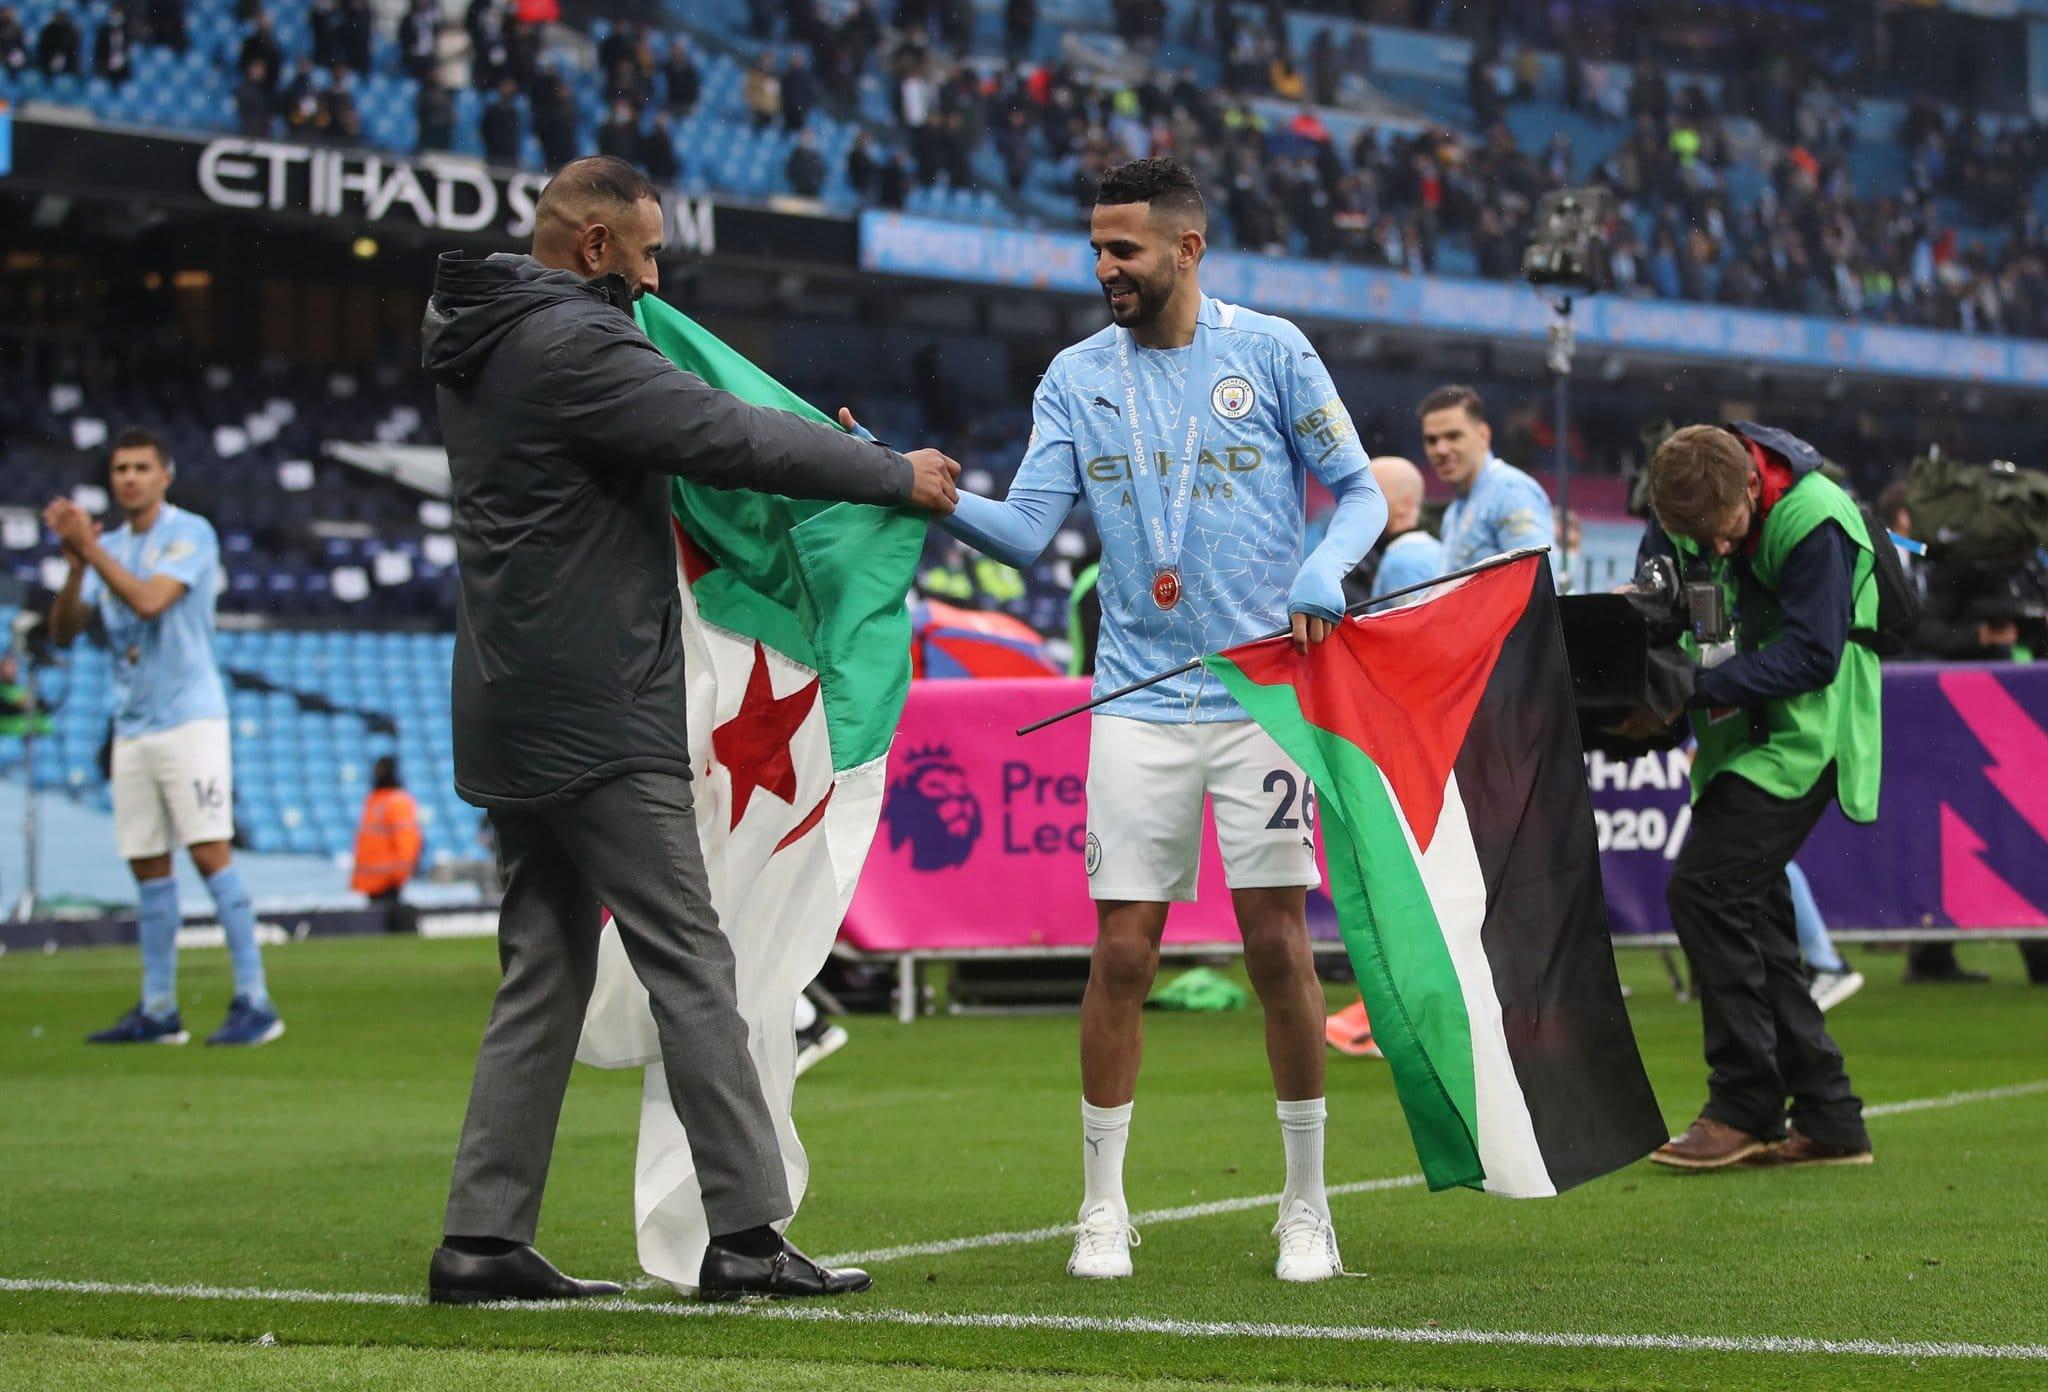 بالفيديو: رياض محرز يرفع العلم الفلسطيني في احتفالات مانشستر سيتي